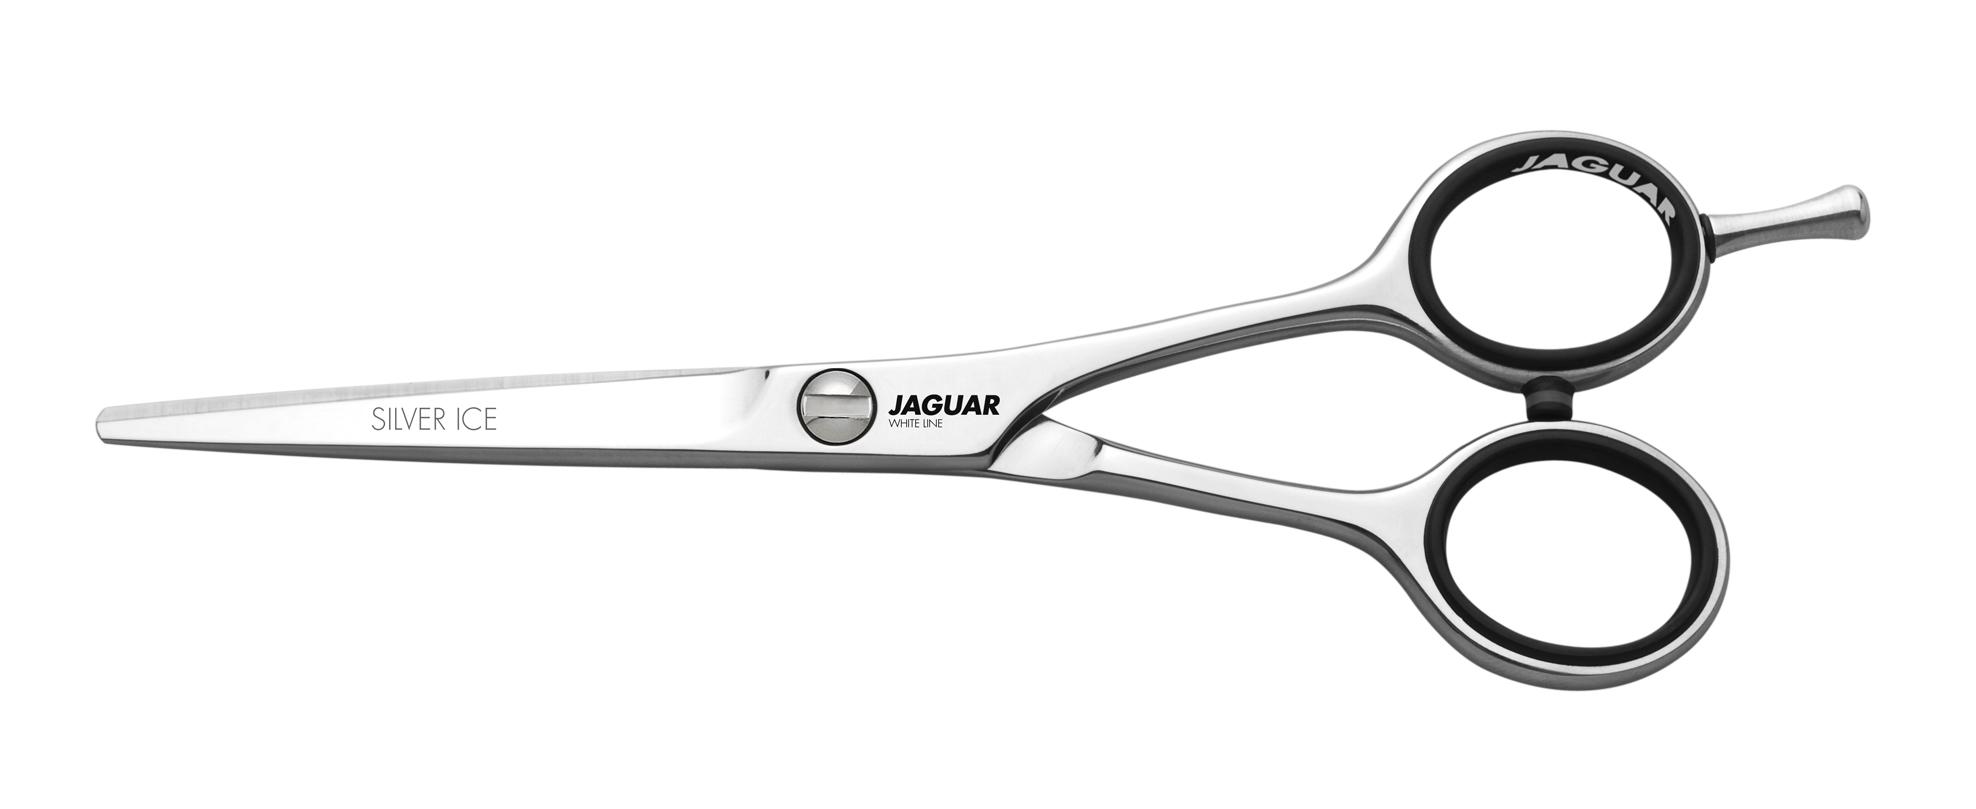 JAGUAR Ножницы Jaguar Silver Ice 6,5'(16,5cm)WL от Галерея Косметики